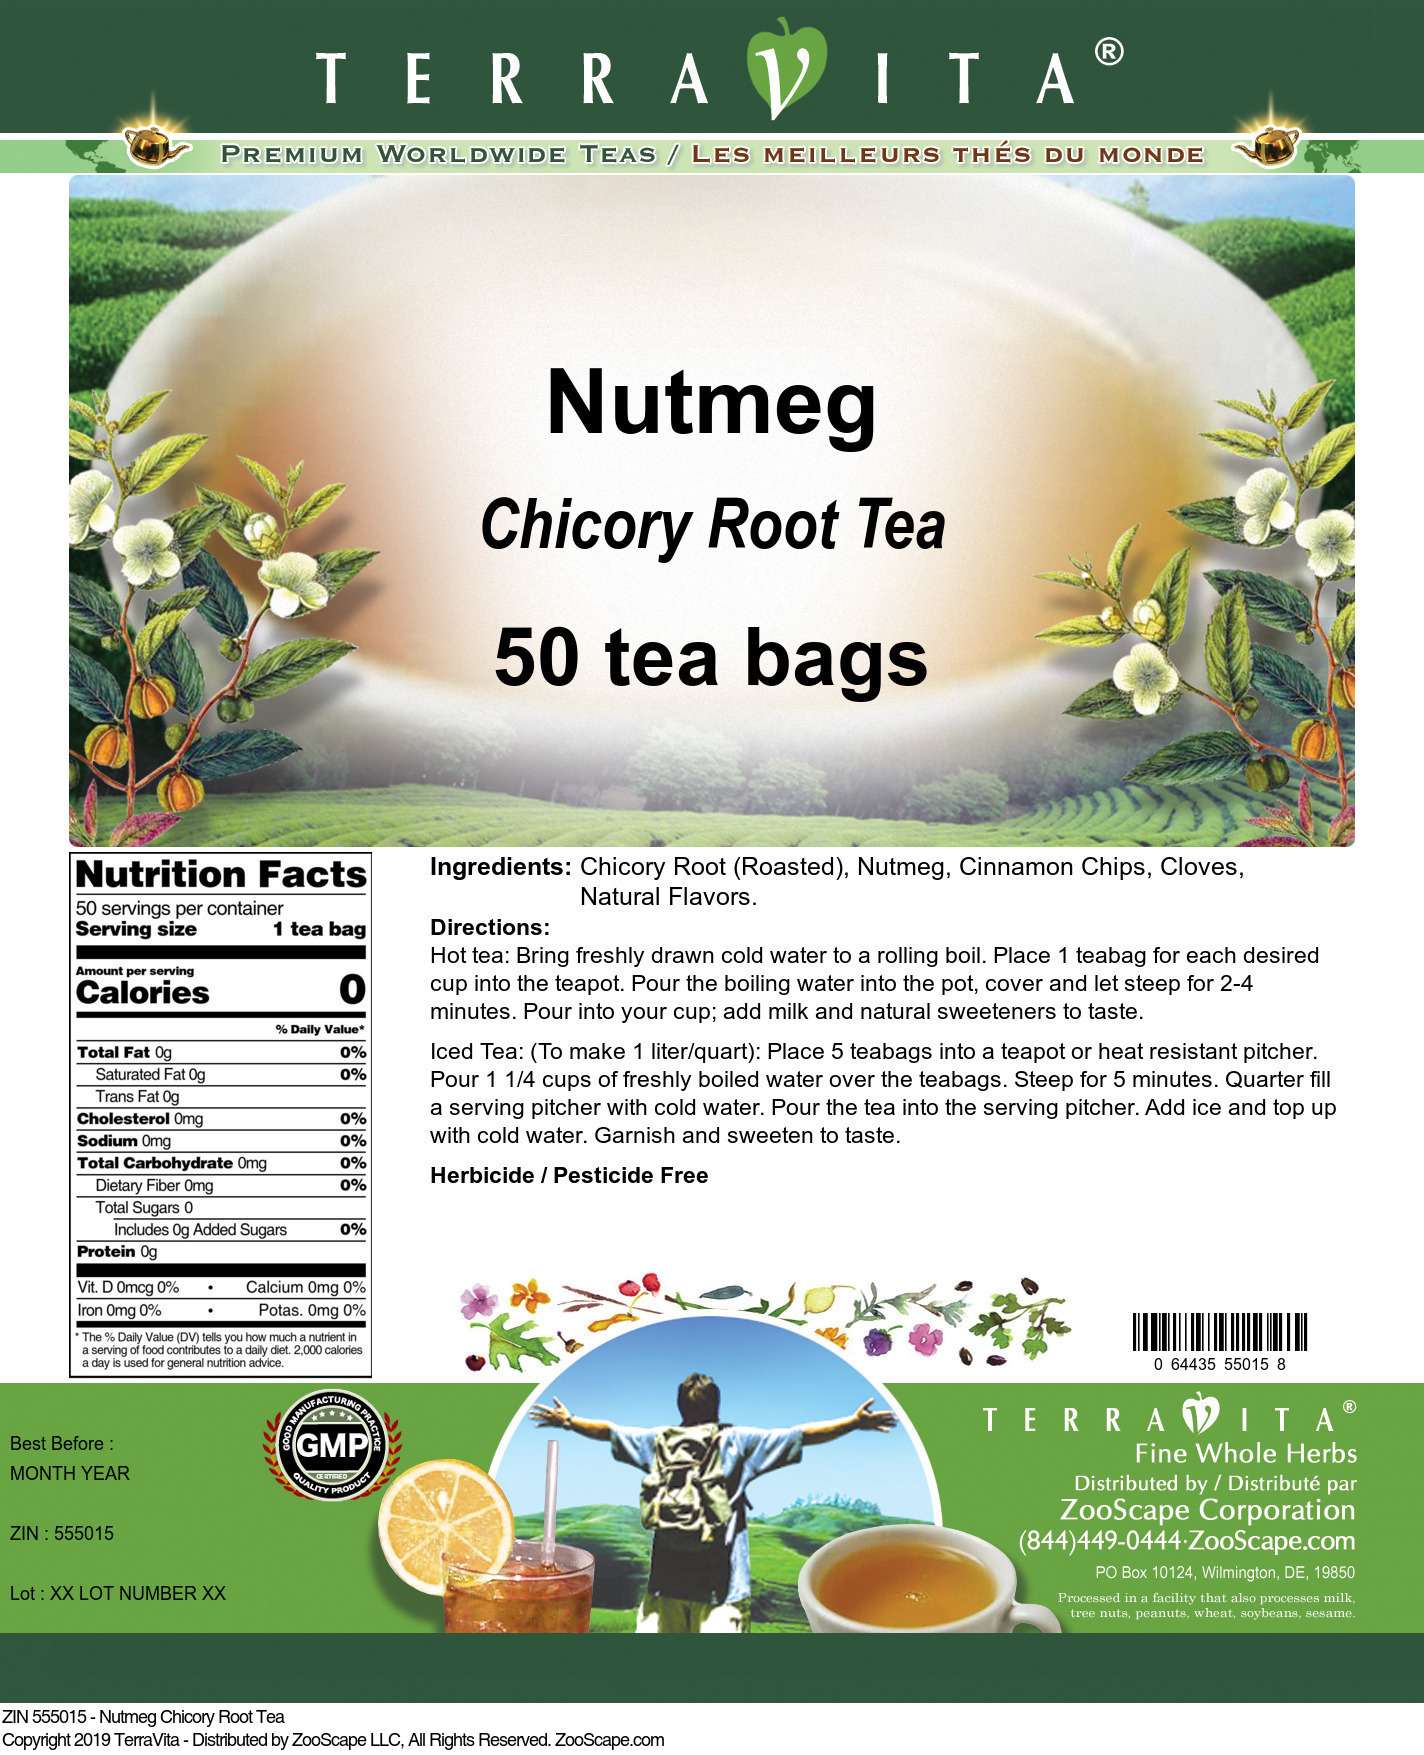 Nutmeg Chicory Root Tea